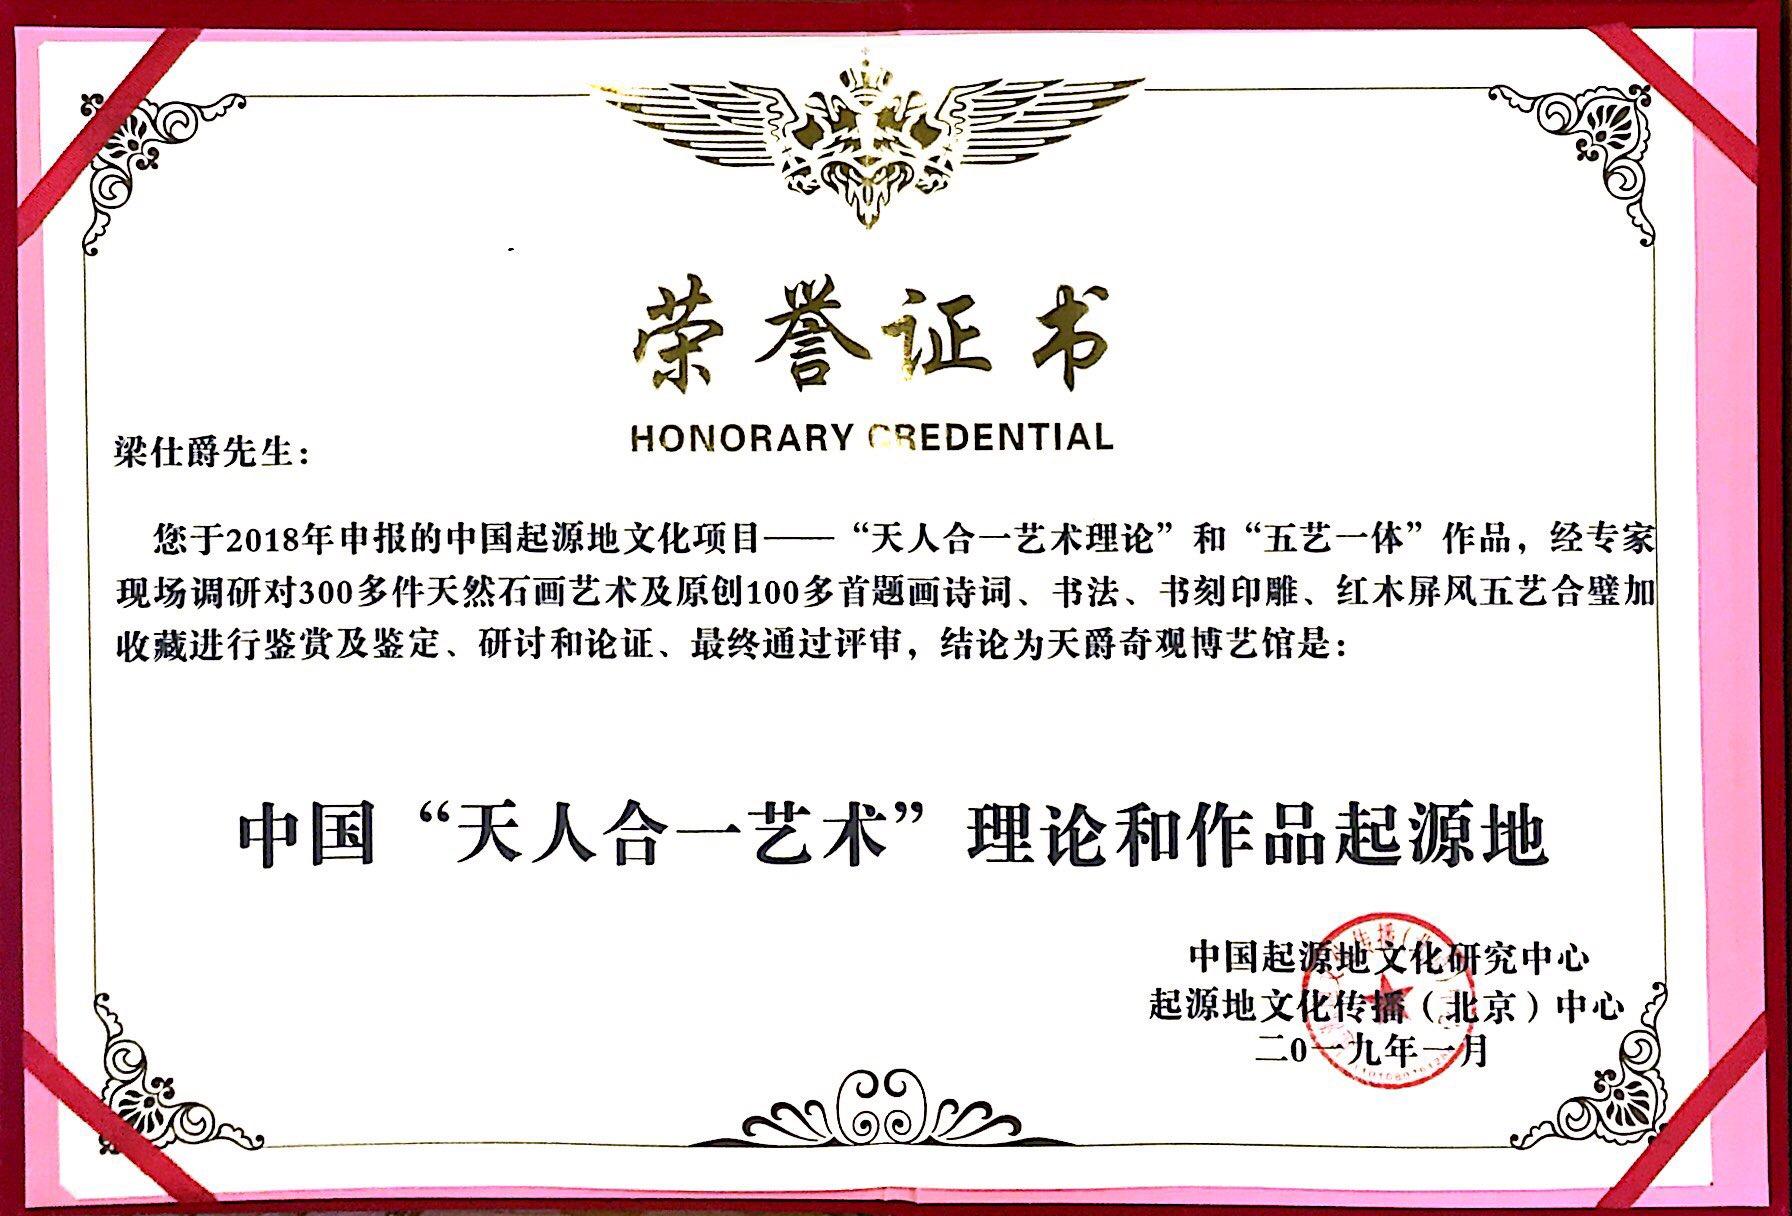 """恭喜天爵奇观博物馆荣获中国""""天人合一艺术""""理论和作品起源地荣誉证书"""